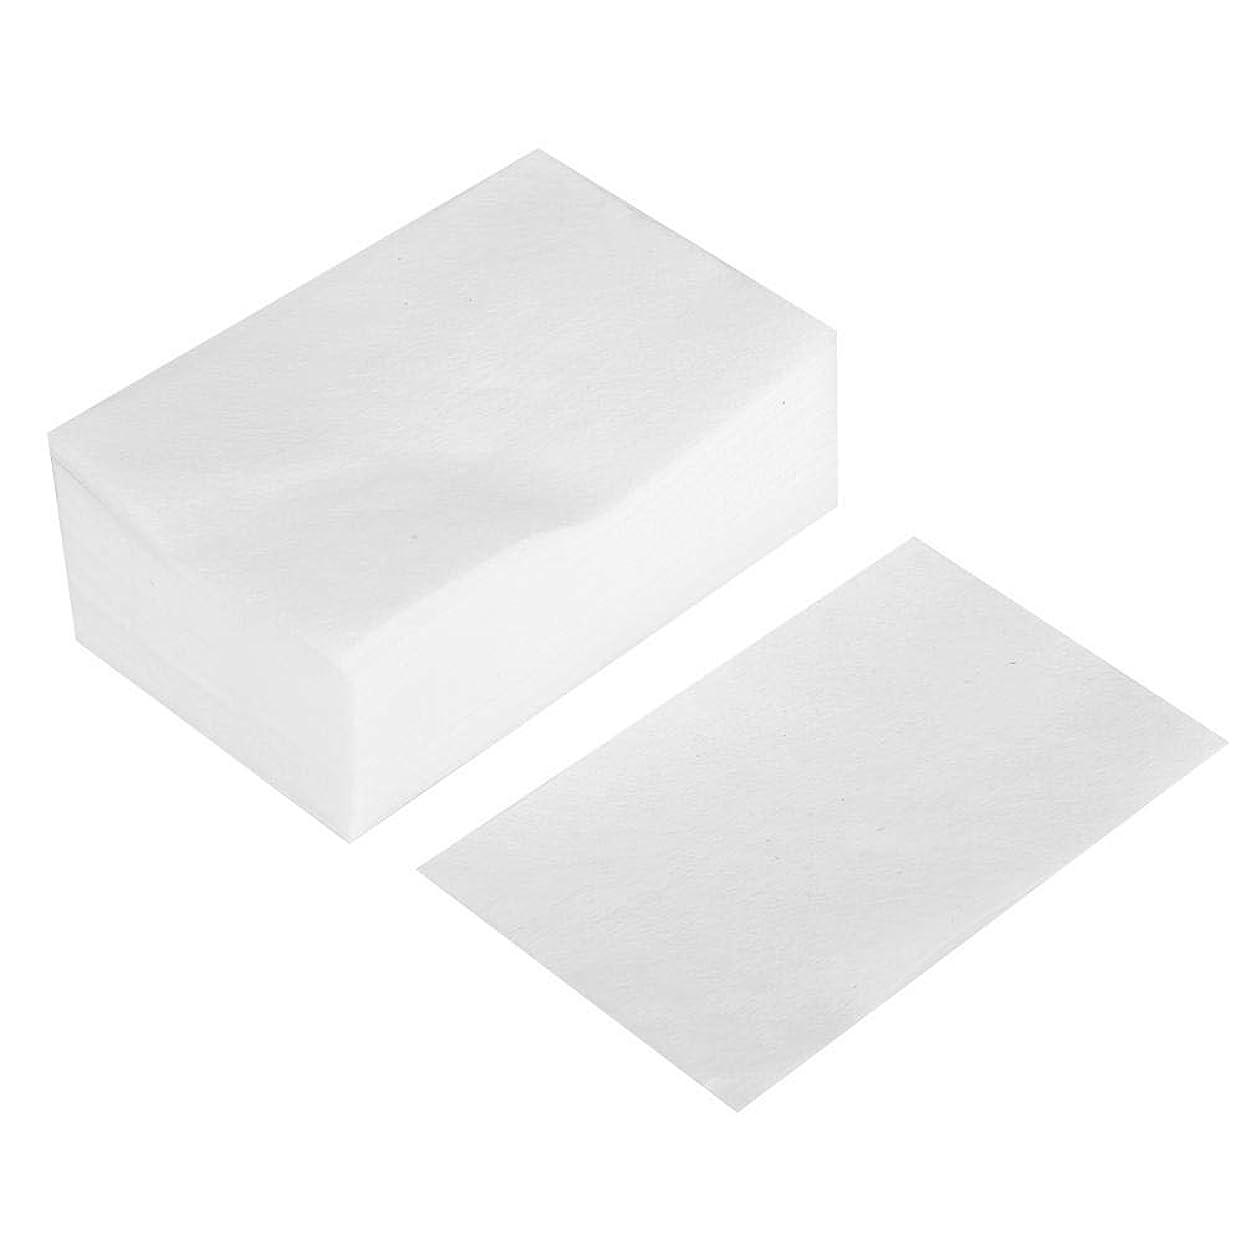 湿気の多いアスリート白菜400個/箱使い捨て化粧コットンパッド、ソフトコットン化粧落とし洗顔と拭き取り